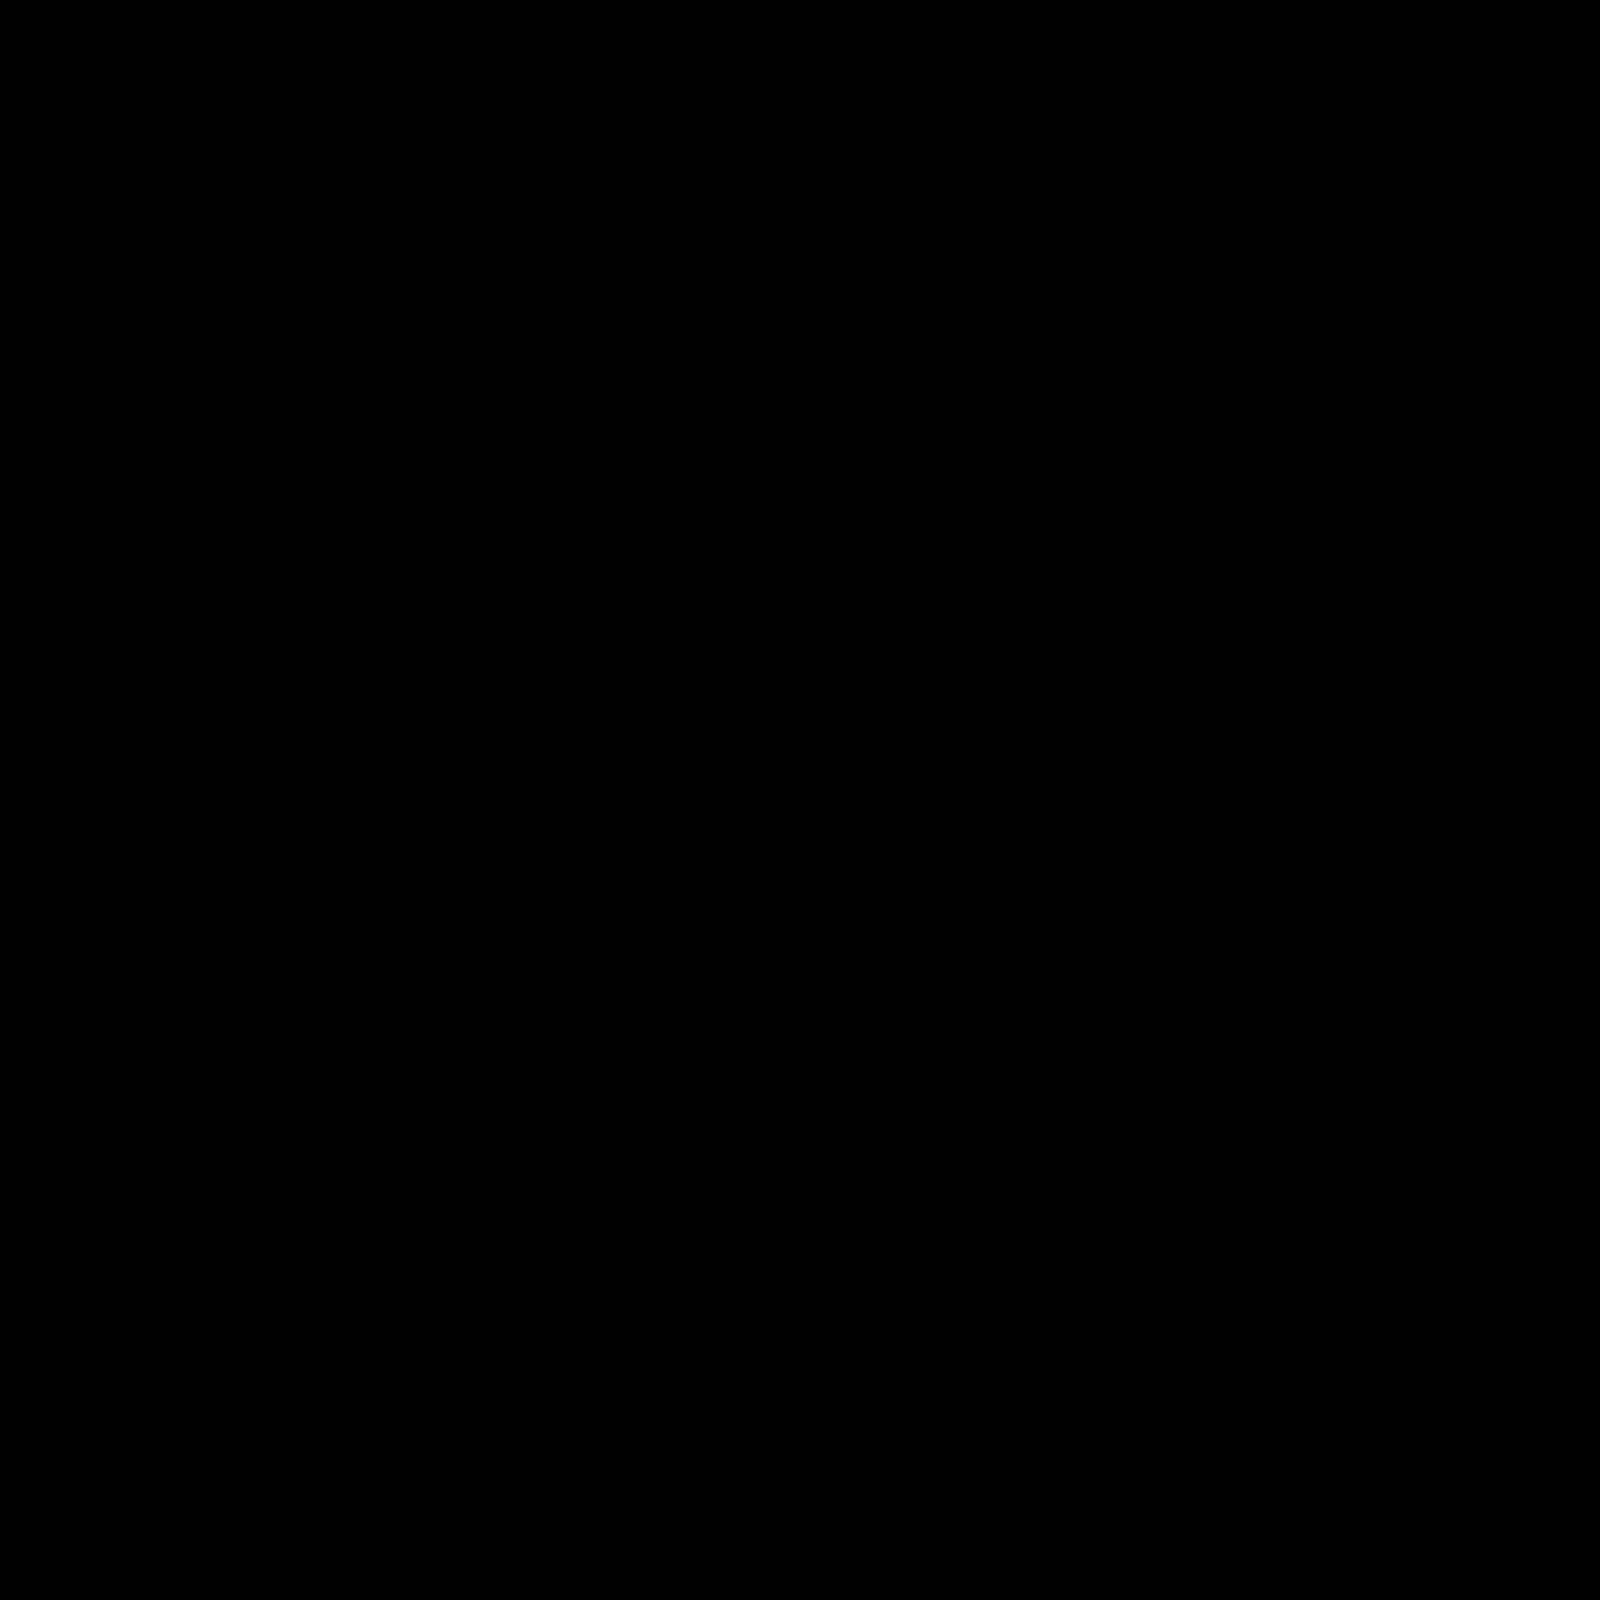 Wsparcie online icon